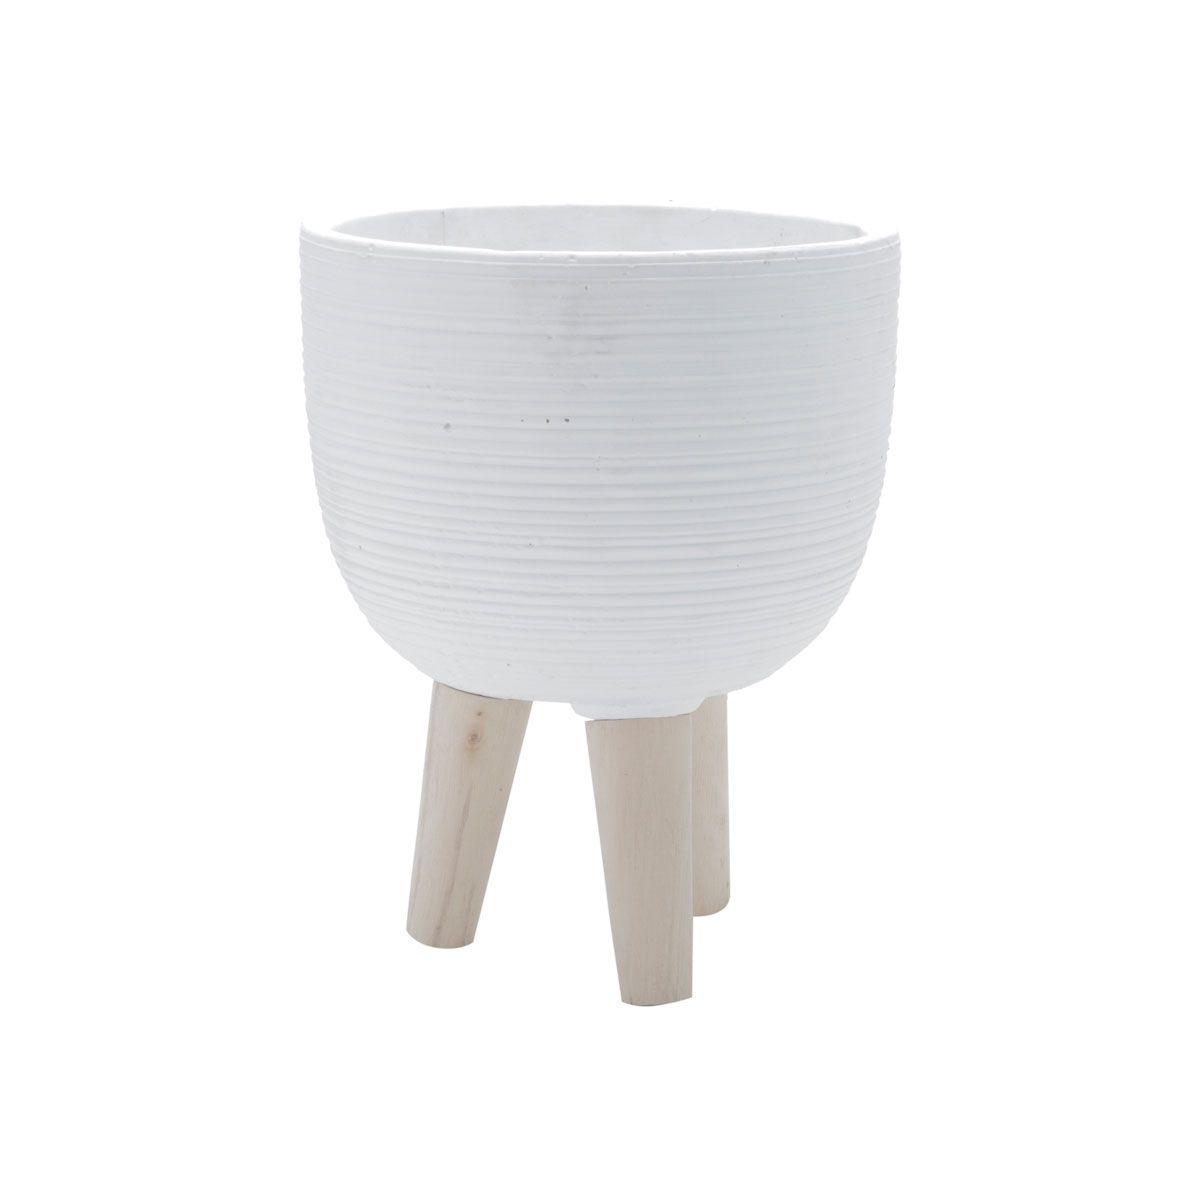 Vaso Concreto Decorativo Branco com Pé Madeira